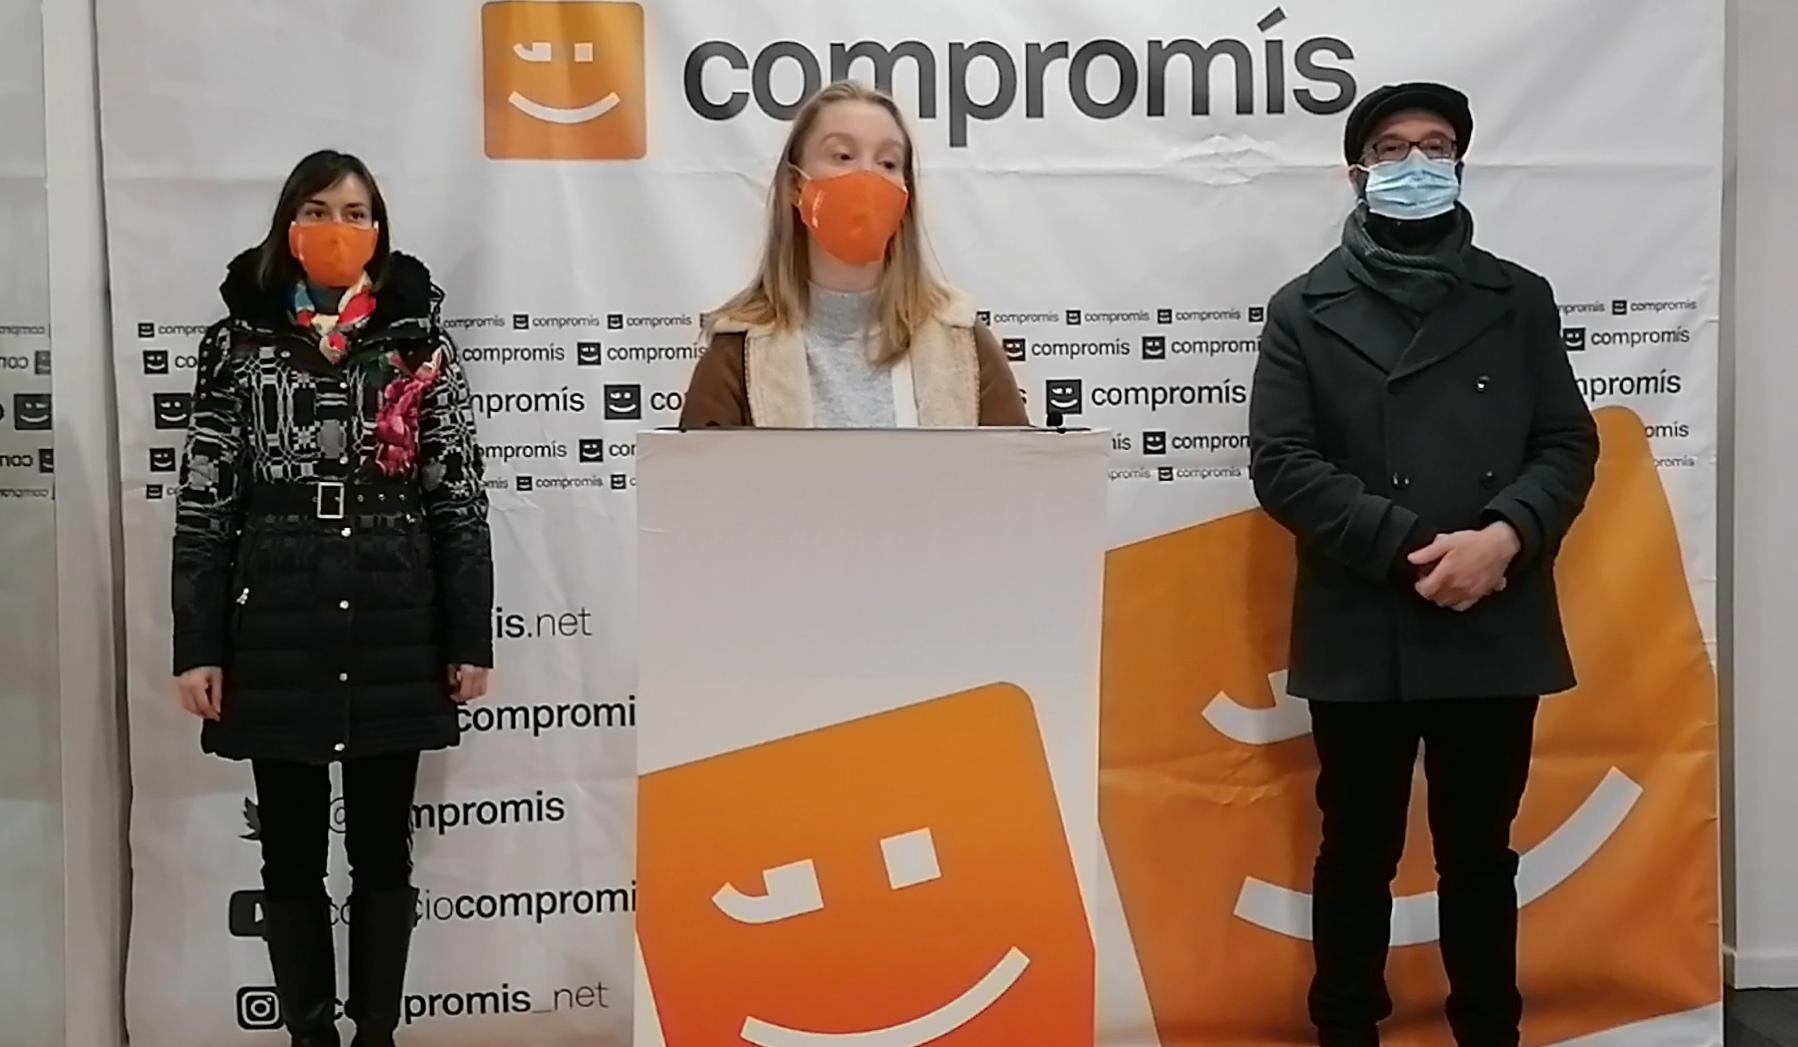 Compromís per Vila-real desmiente a Serralvo y solicita a la socialista Beteta que justifique su dedicación en el Ayuntamiento